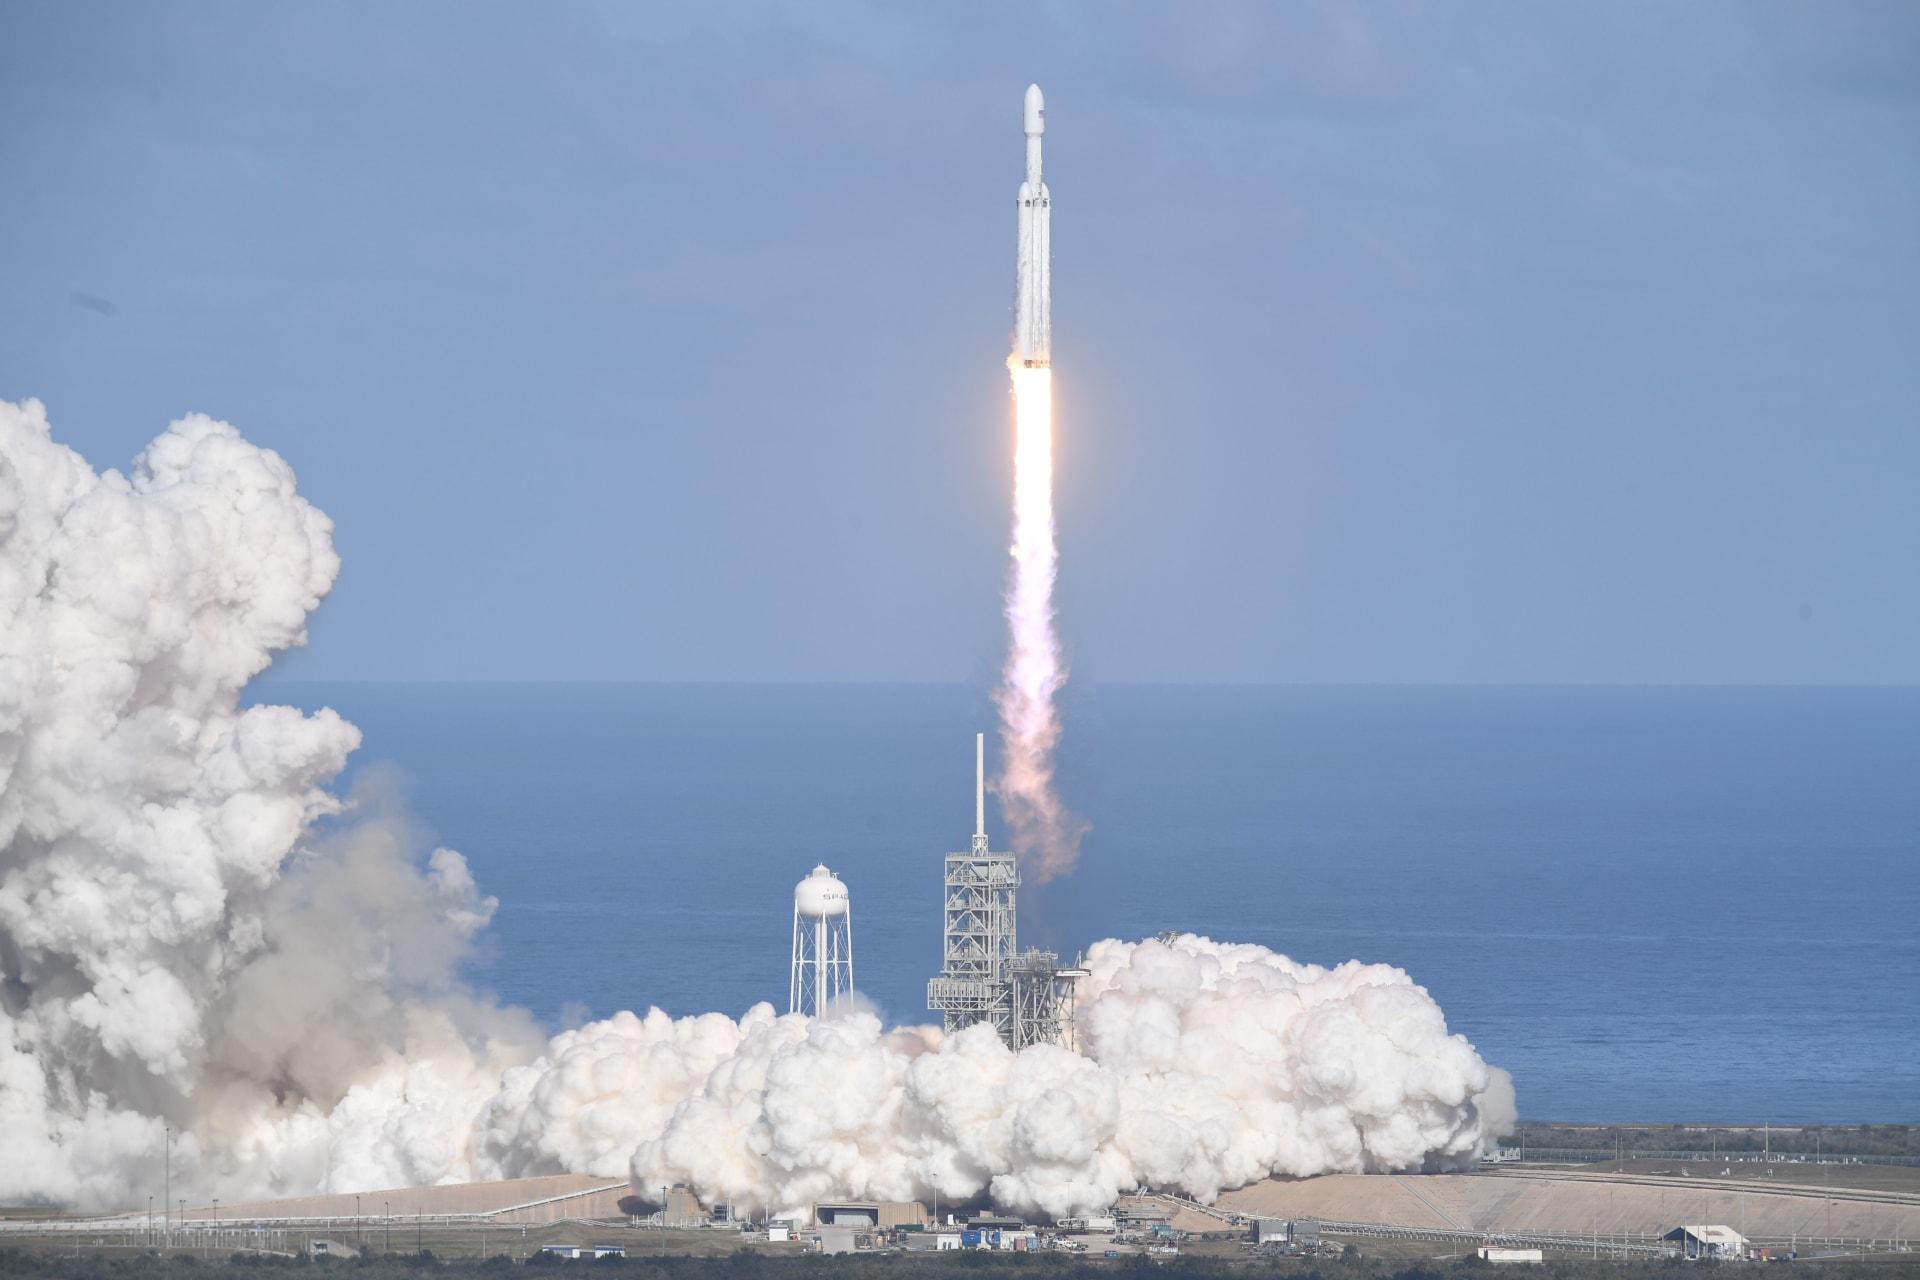 """""""سبيس إكس"""" تنجح بإطلاق أقوى صاروخ في العالم.. شاهد لحظة إطلاق """"فالكون هيفي"""""""